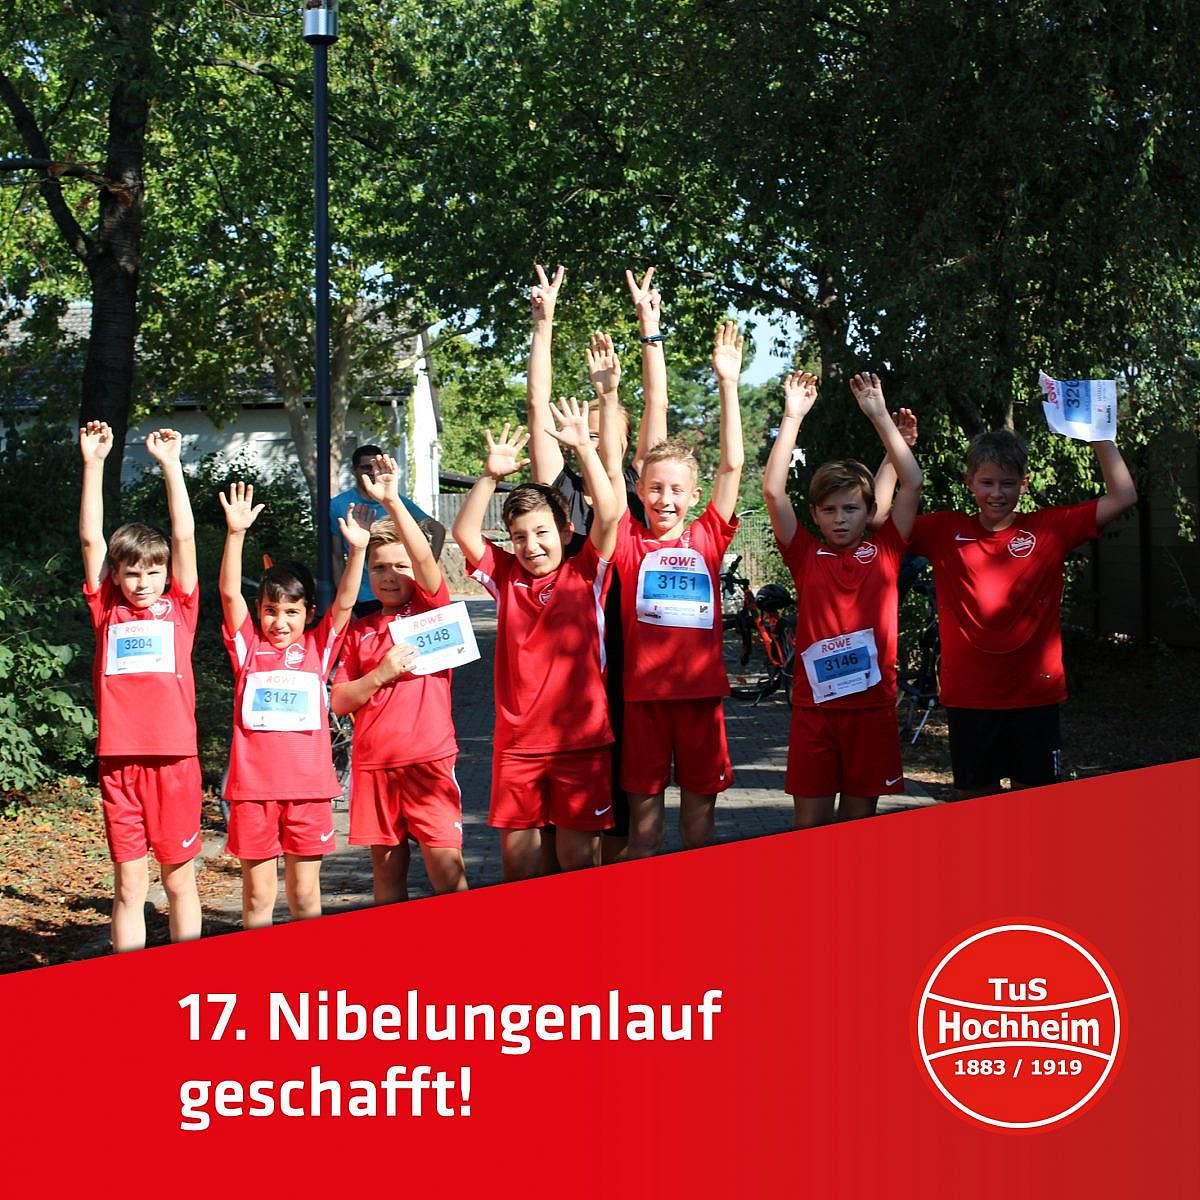 Nibelungenlauf 2020 und TuS Hochheim war dabei!